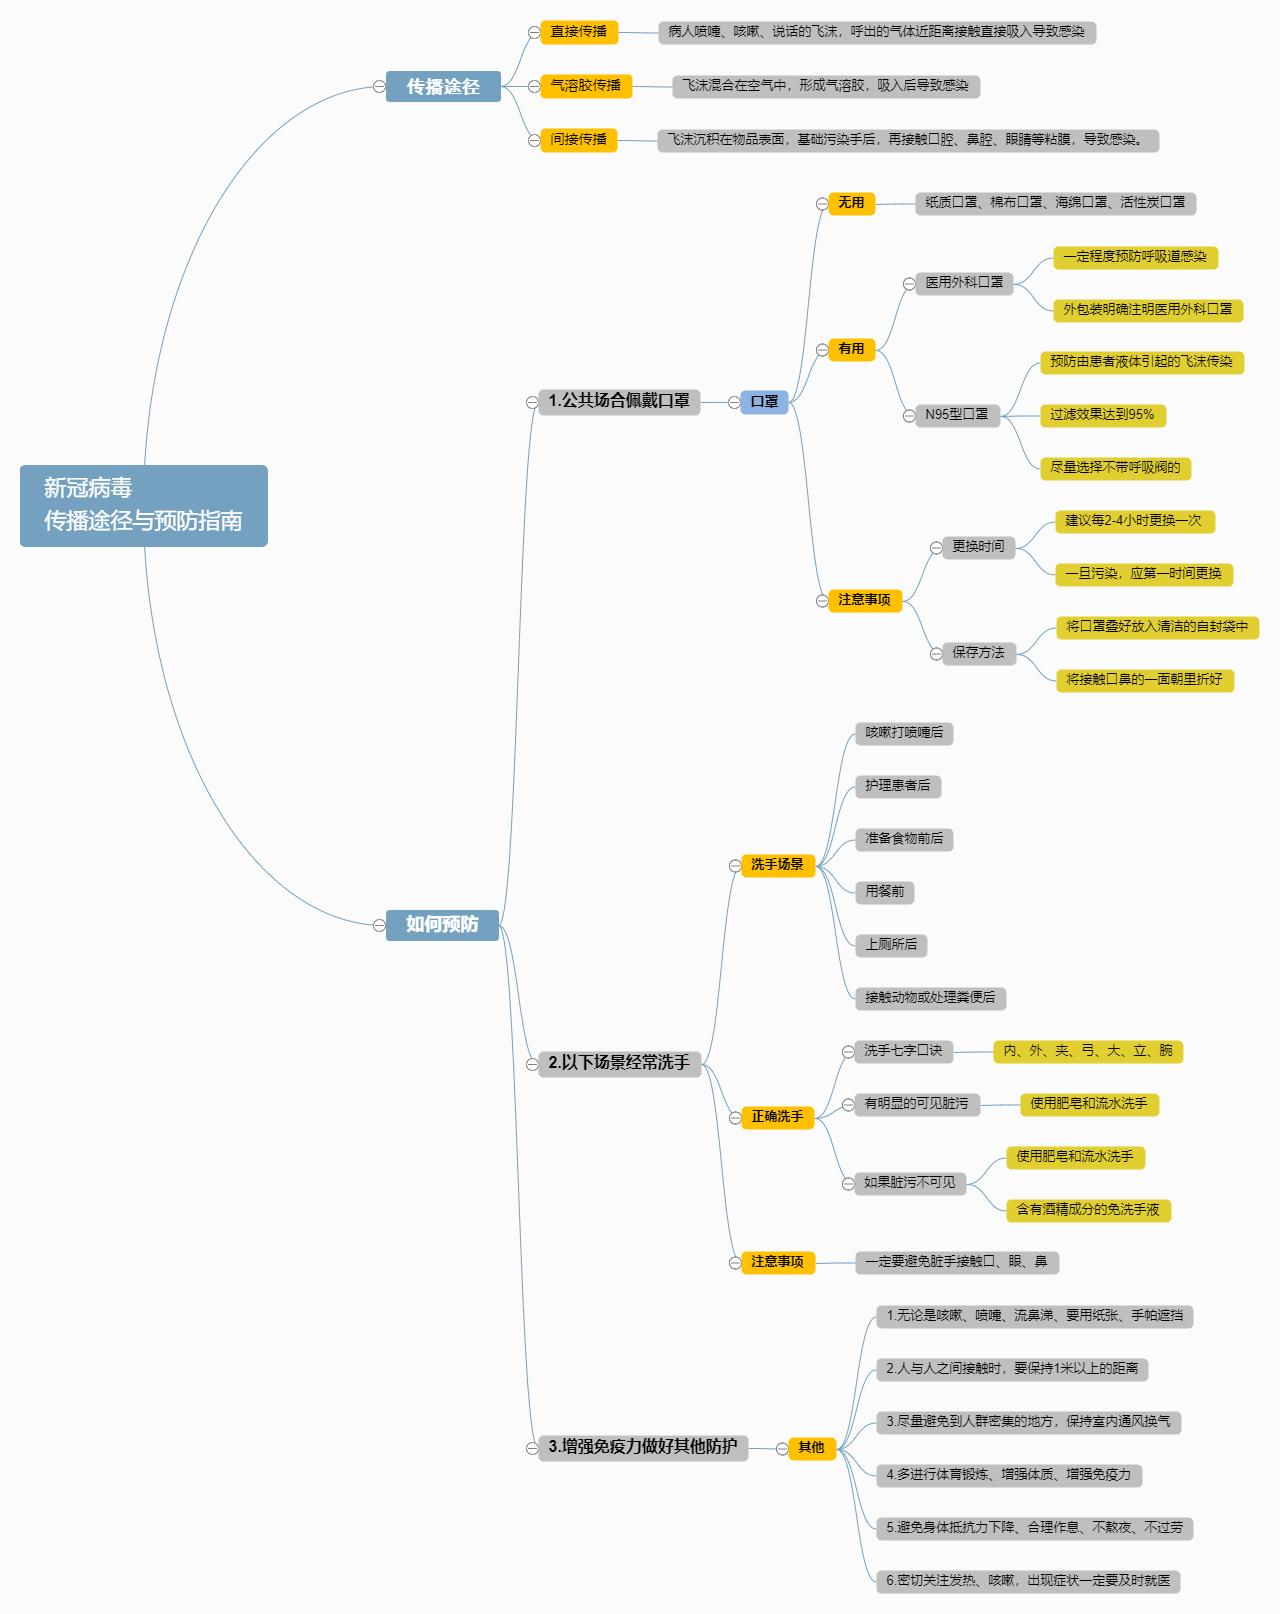 新冠病毒传播途径与预防指南思维导图